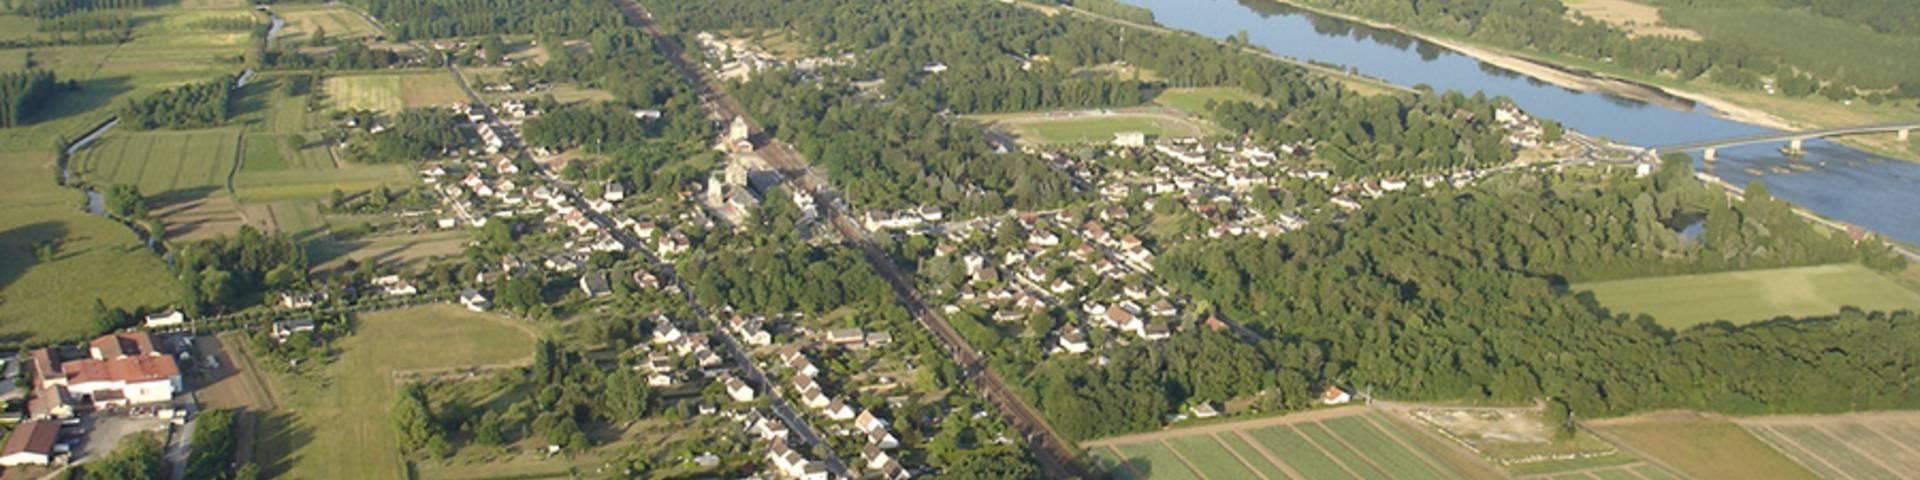 Vallée de la Loire village d'Onzain